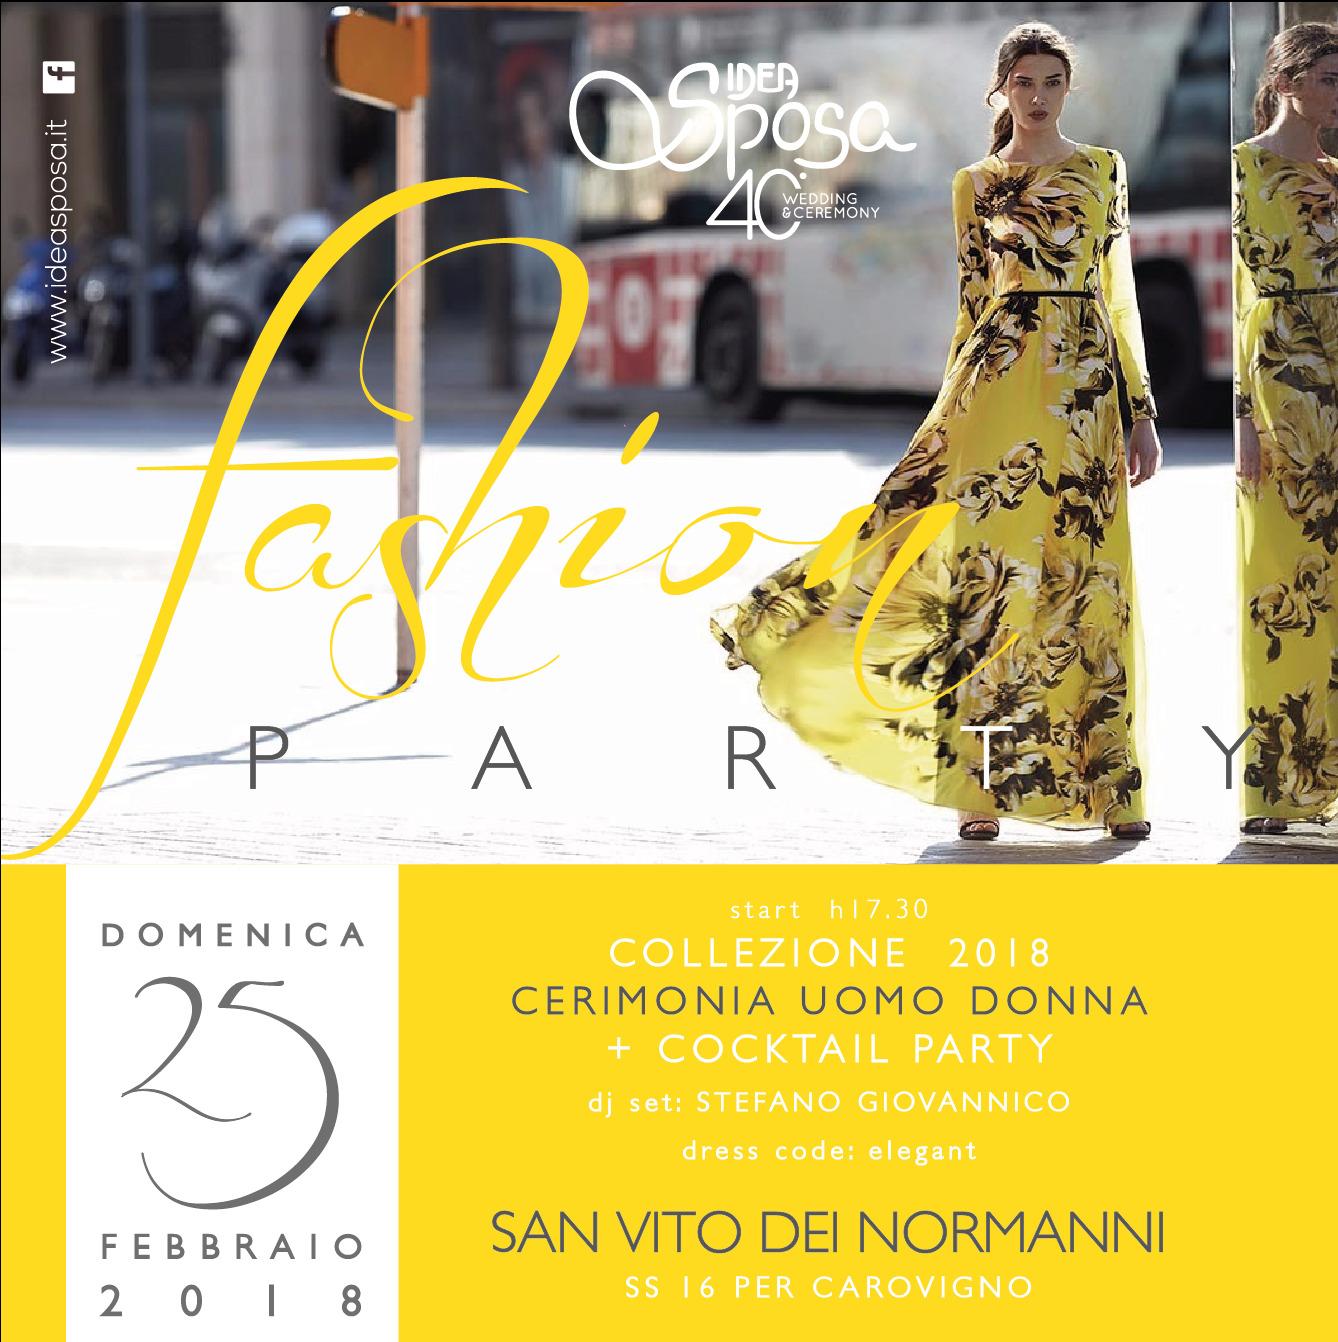 fd13e7cef68b Idea Sposa Fashion Party - Idea Sposa